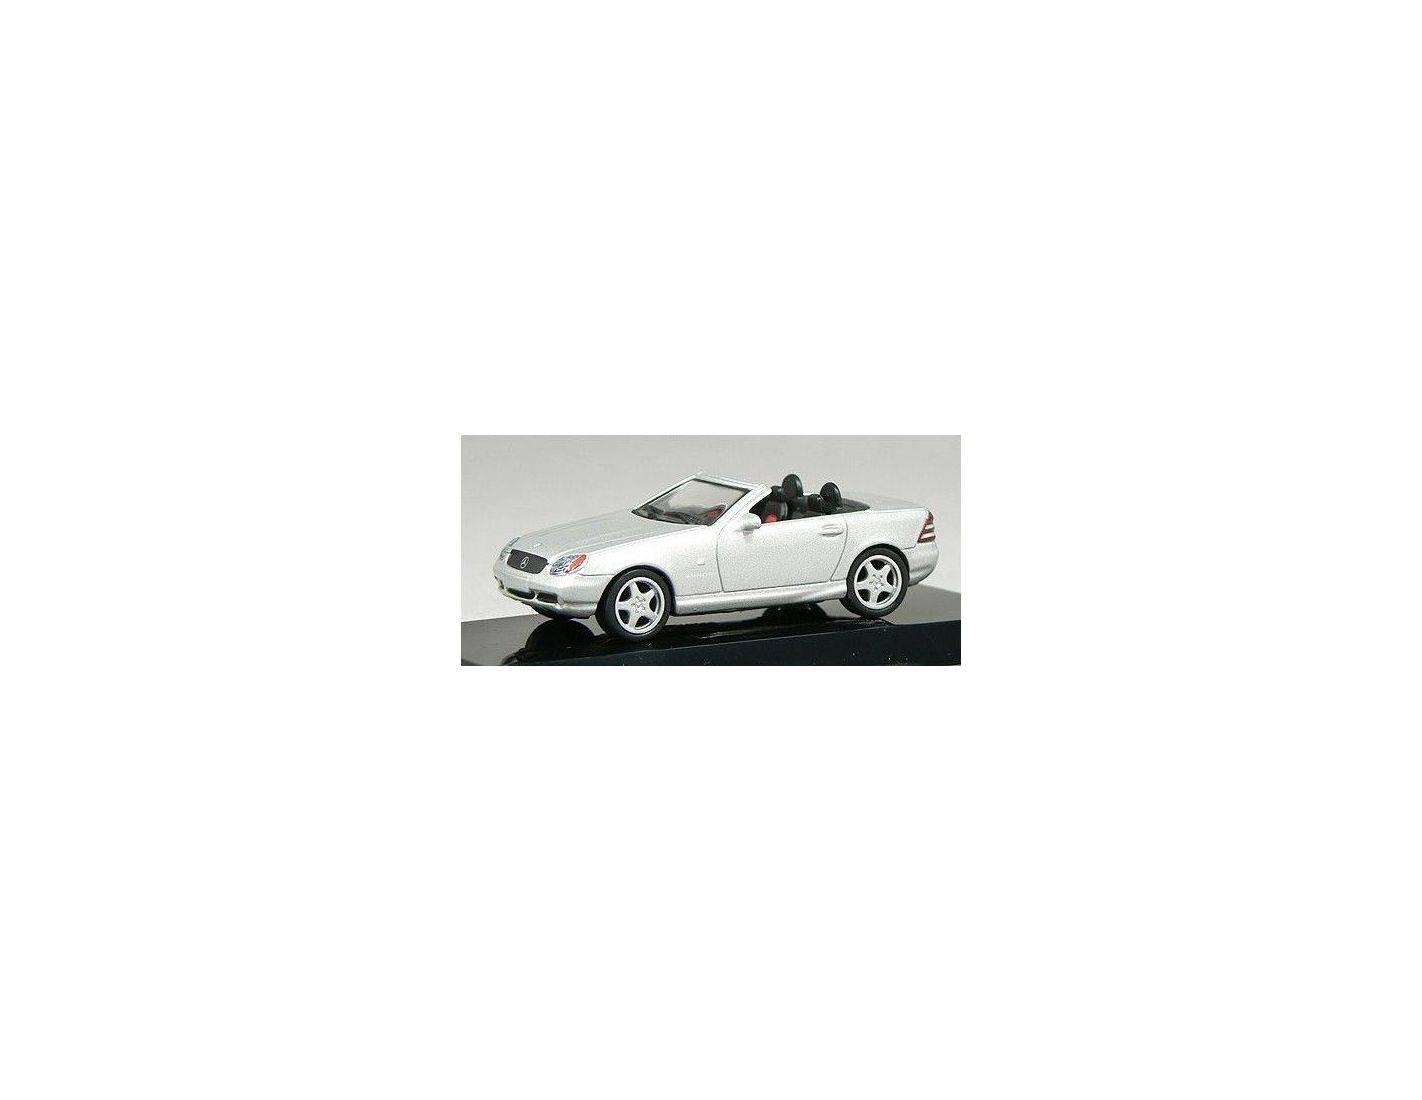 Auto Art / Gateway 20111 M.B.SLK AMG ROADSTER SILVER 1/64 Modellino